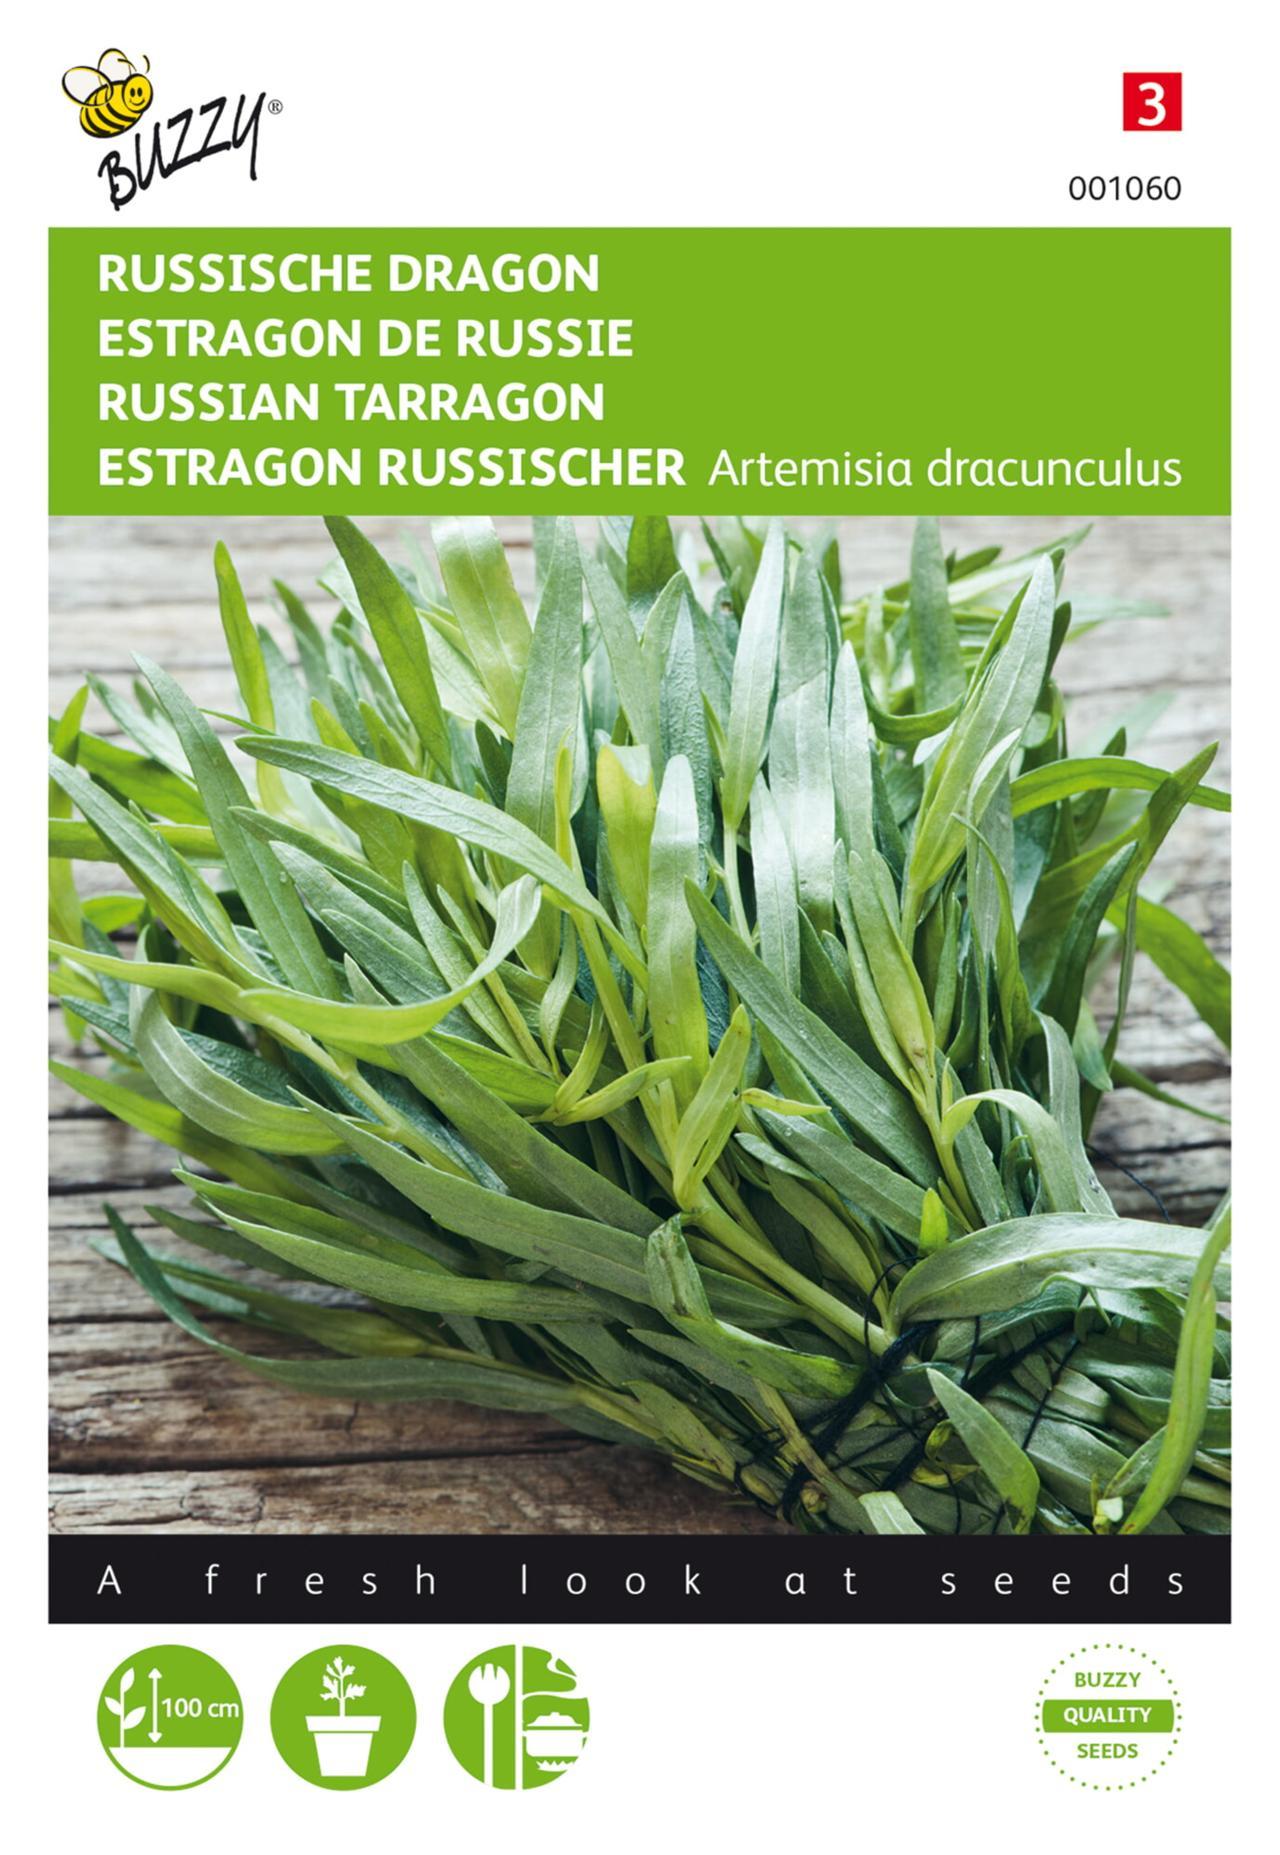 Artemisia dracunculus plant